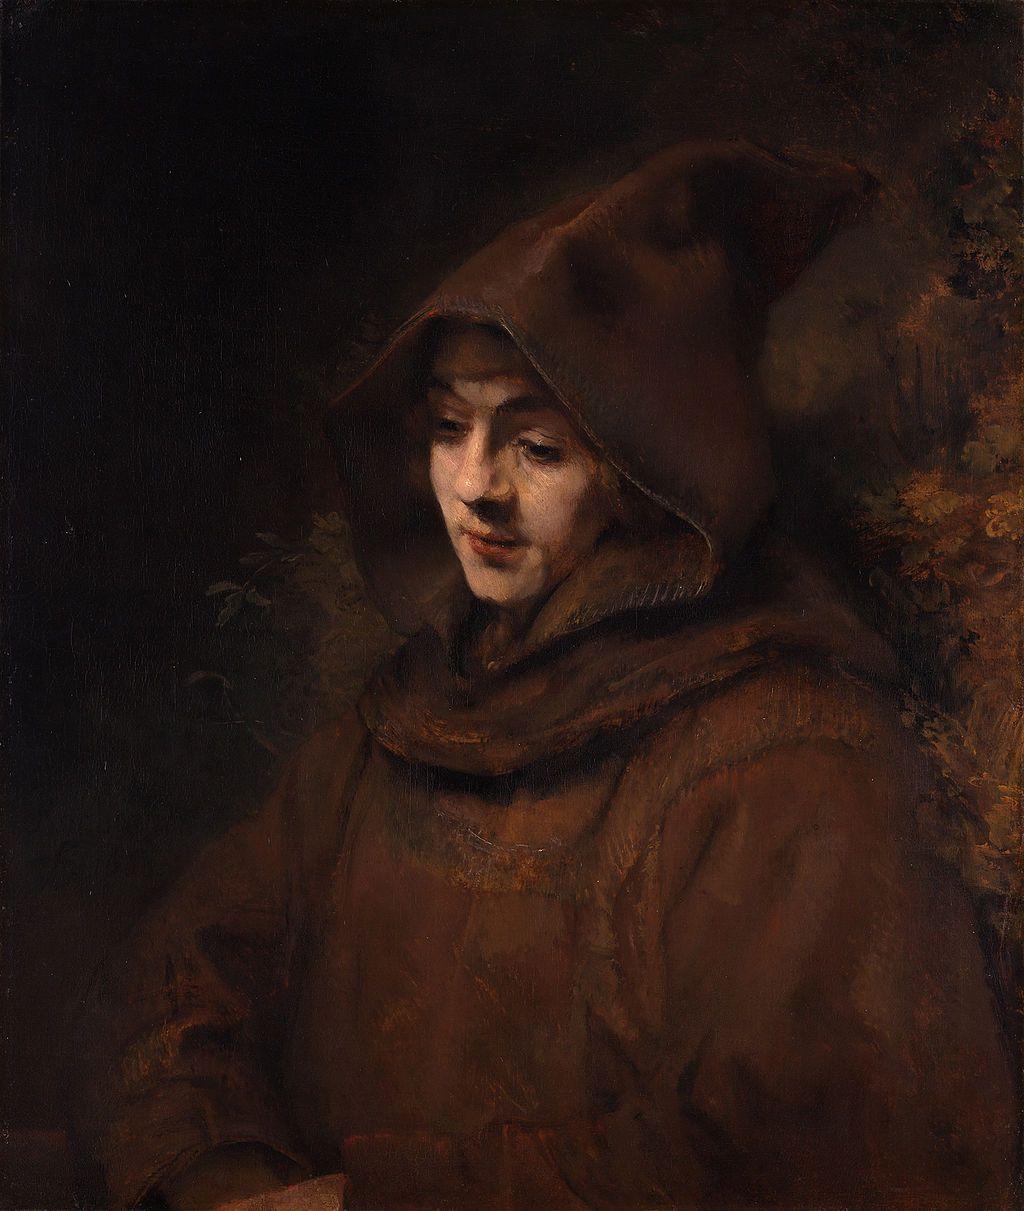 Rembrandt Harmensz van Rijn - Rembrandt's Son Titus in a Monk's Habit, 1660 - Rijksmuseum Amsterdam